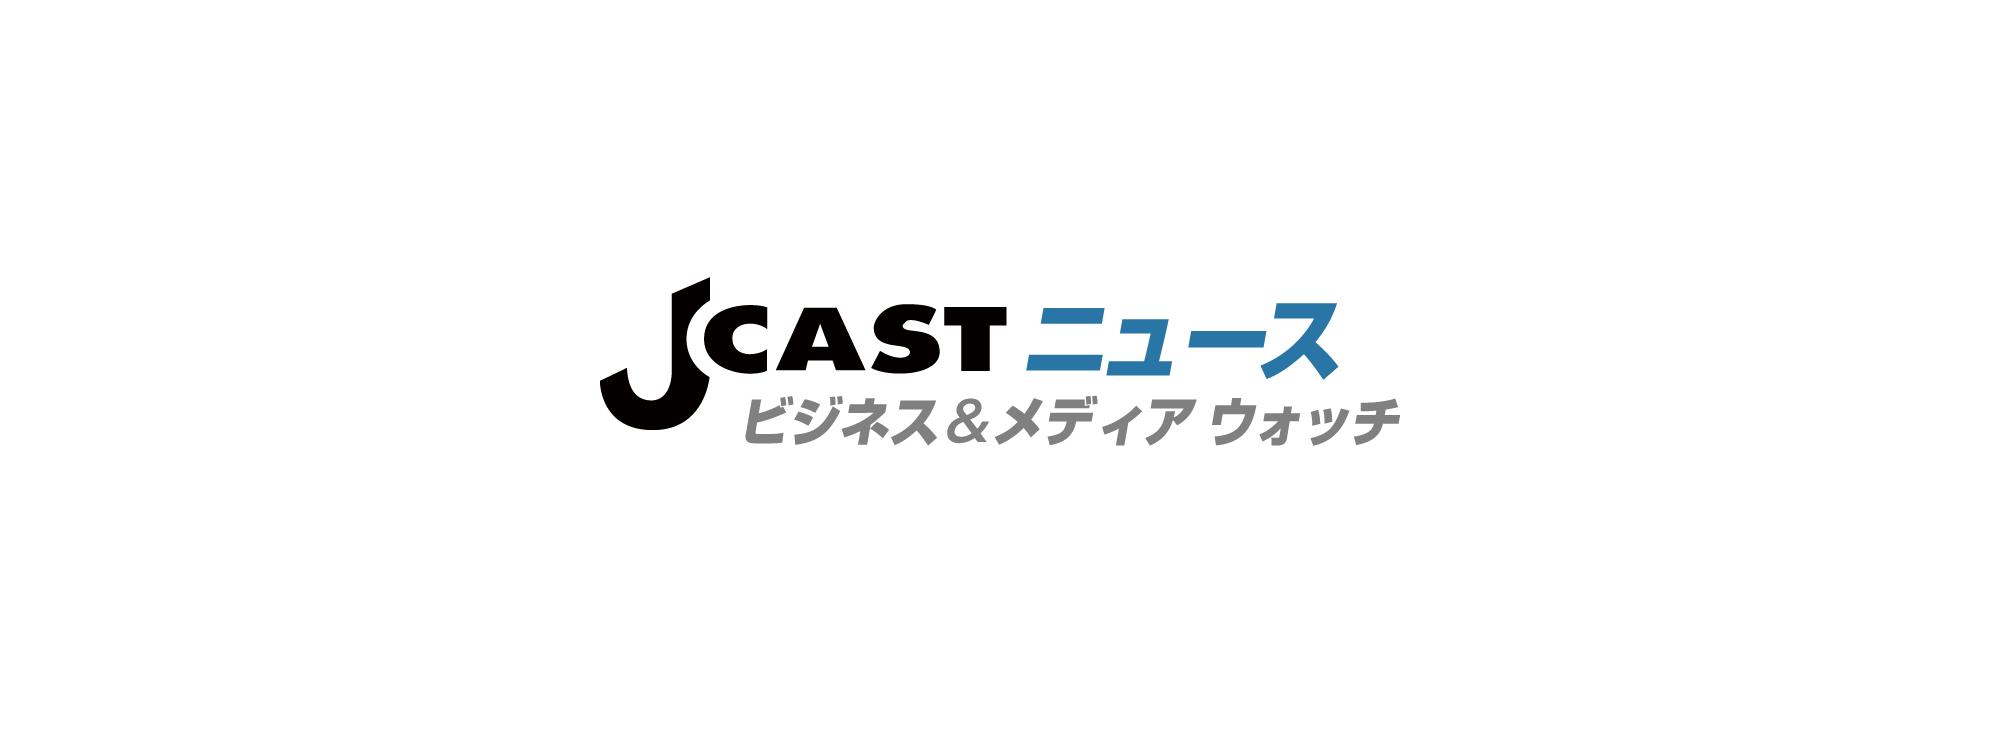 主演の増田有華に宮本亜門「AKBから主役と決めてから僕も崖っぷちの日々だった」 2012年11月